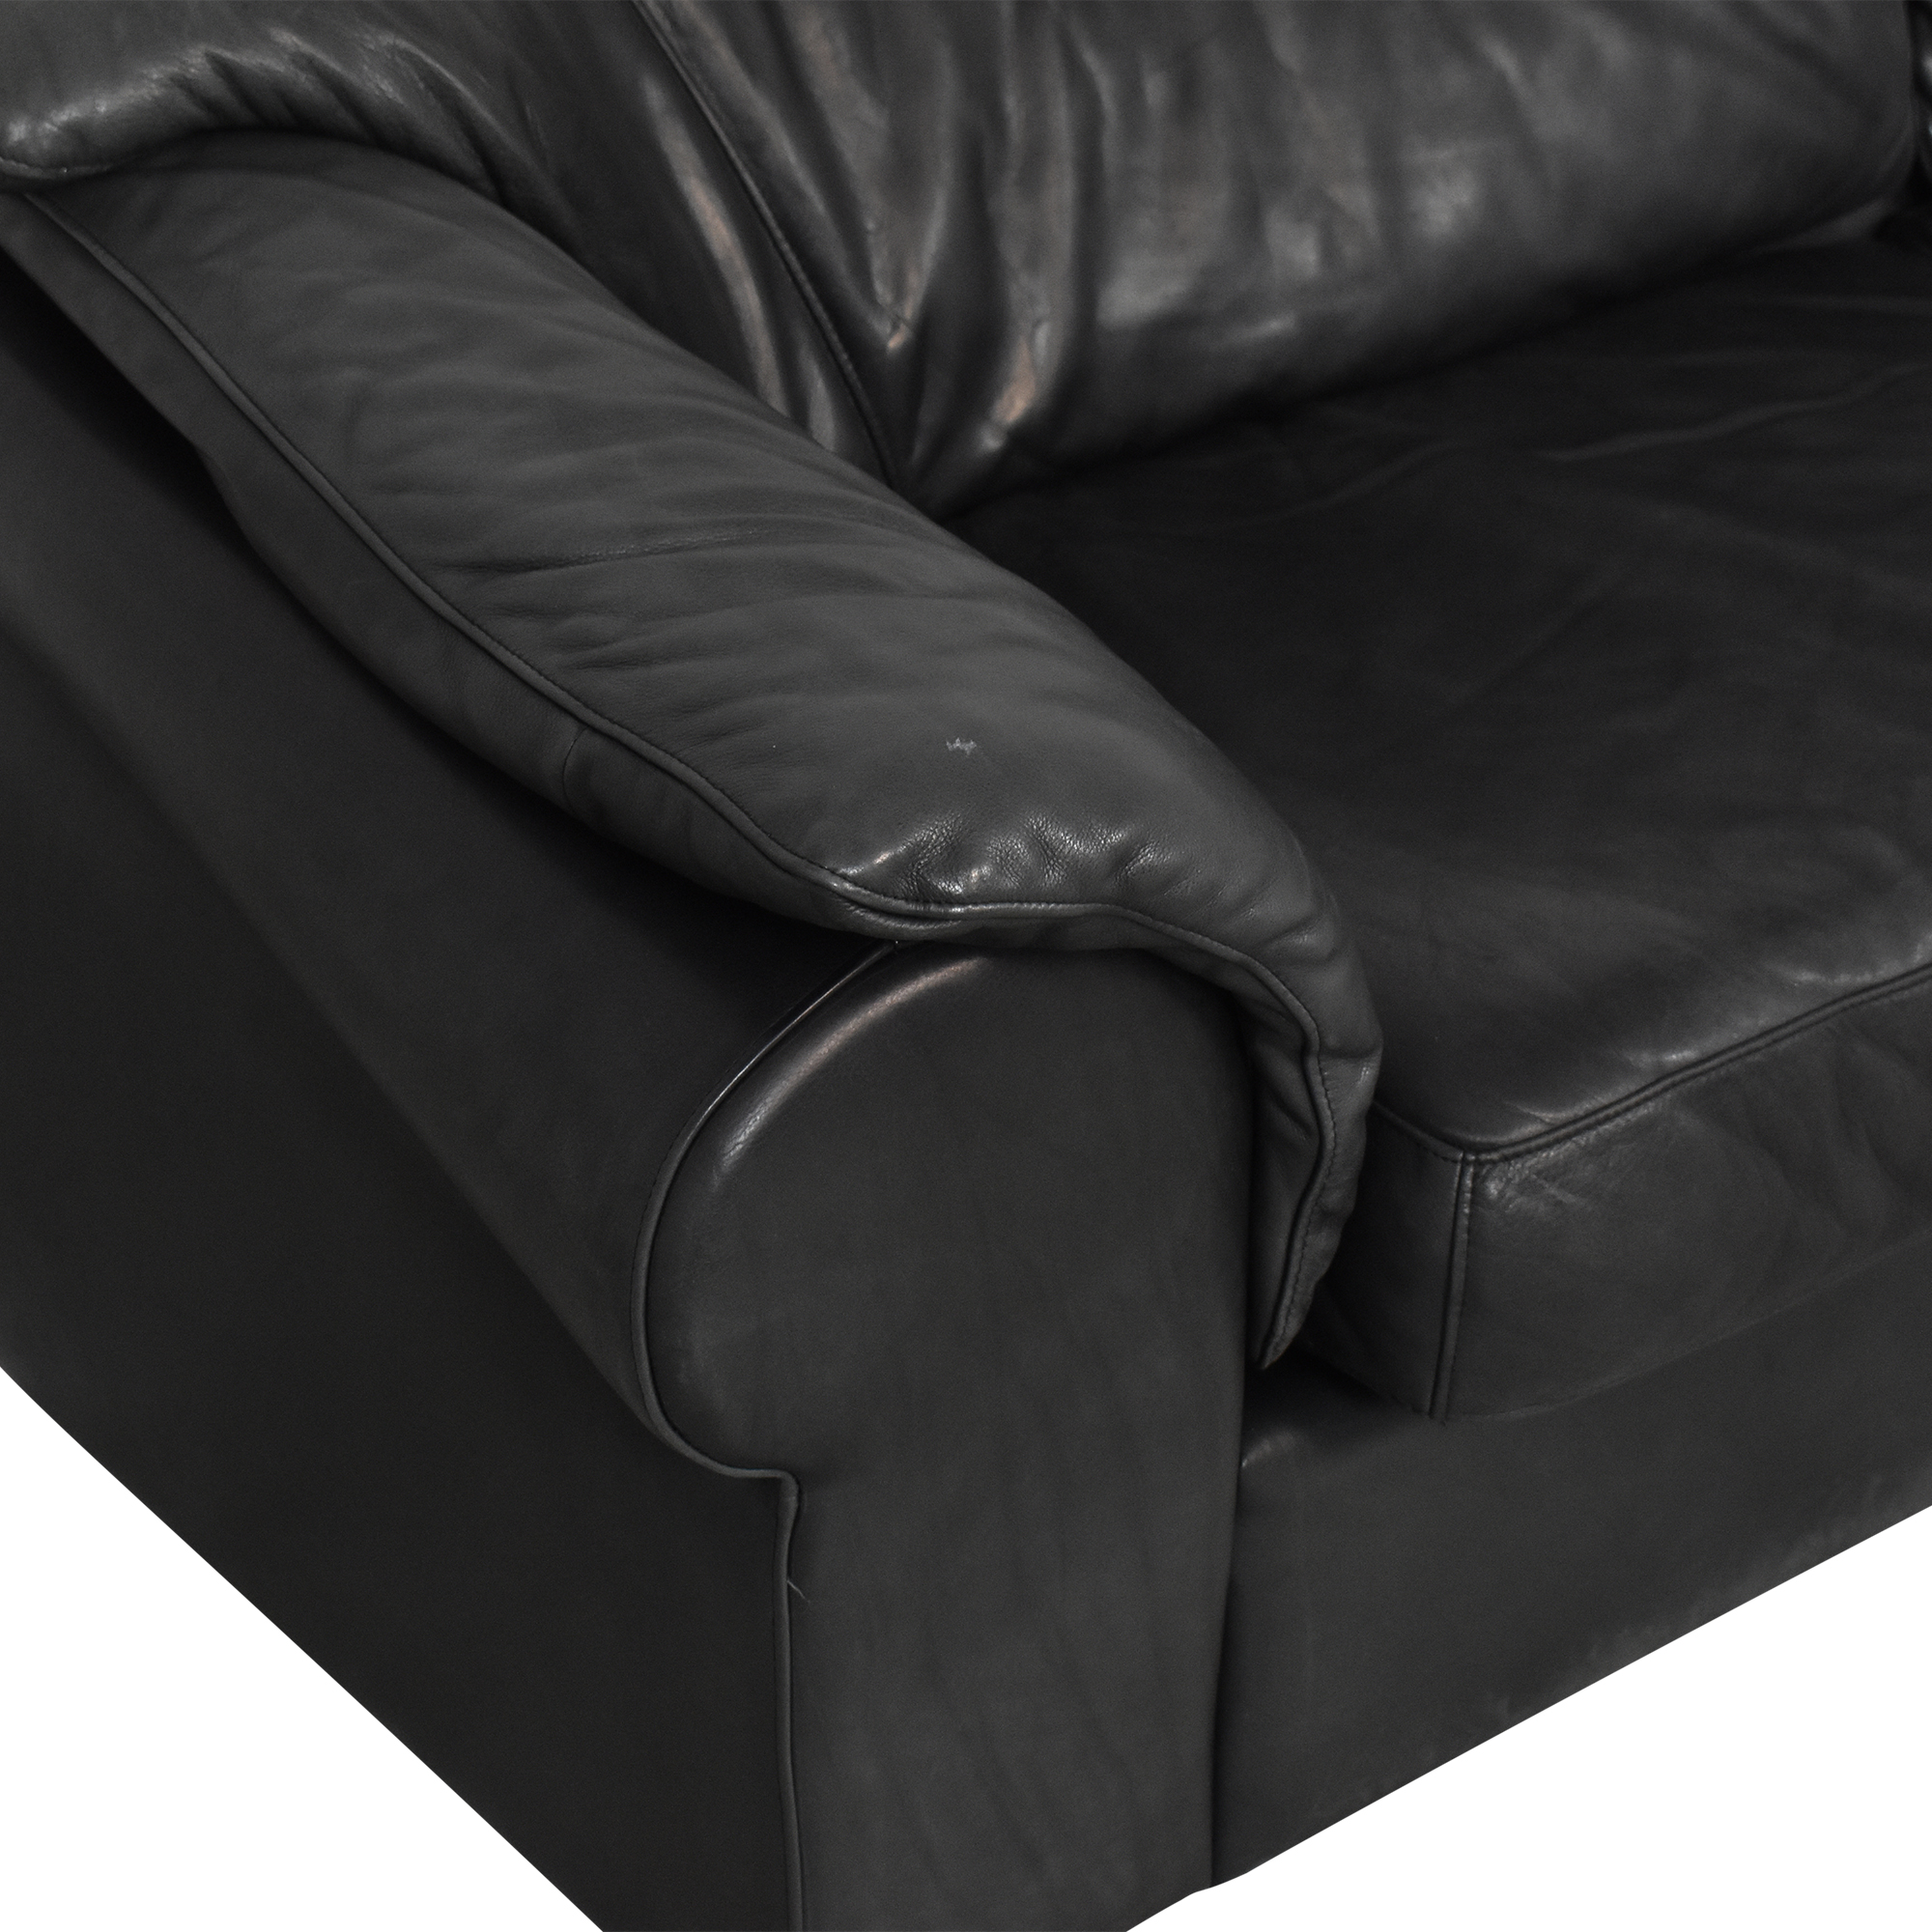 Leather Center Leather Center Sofa ma